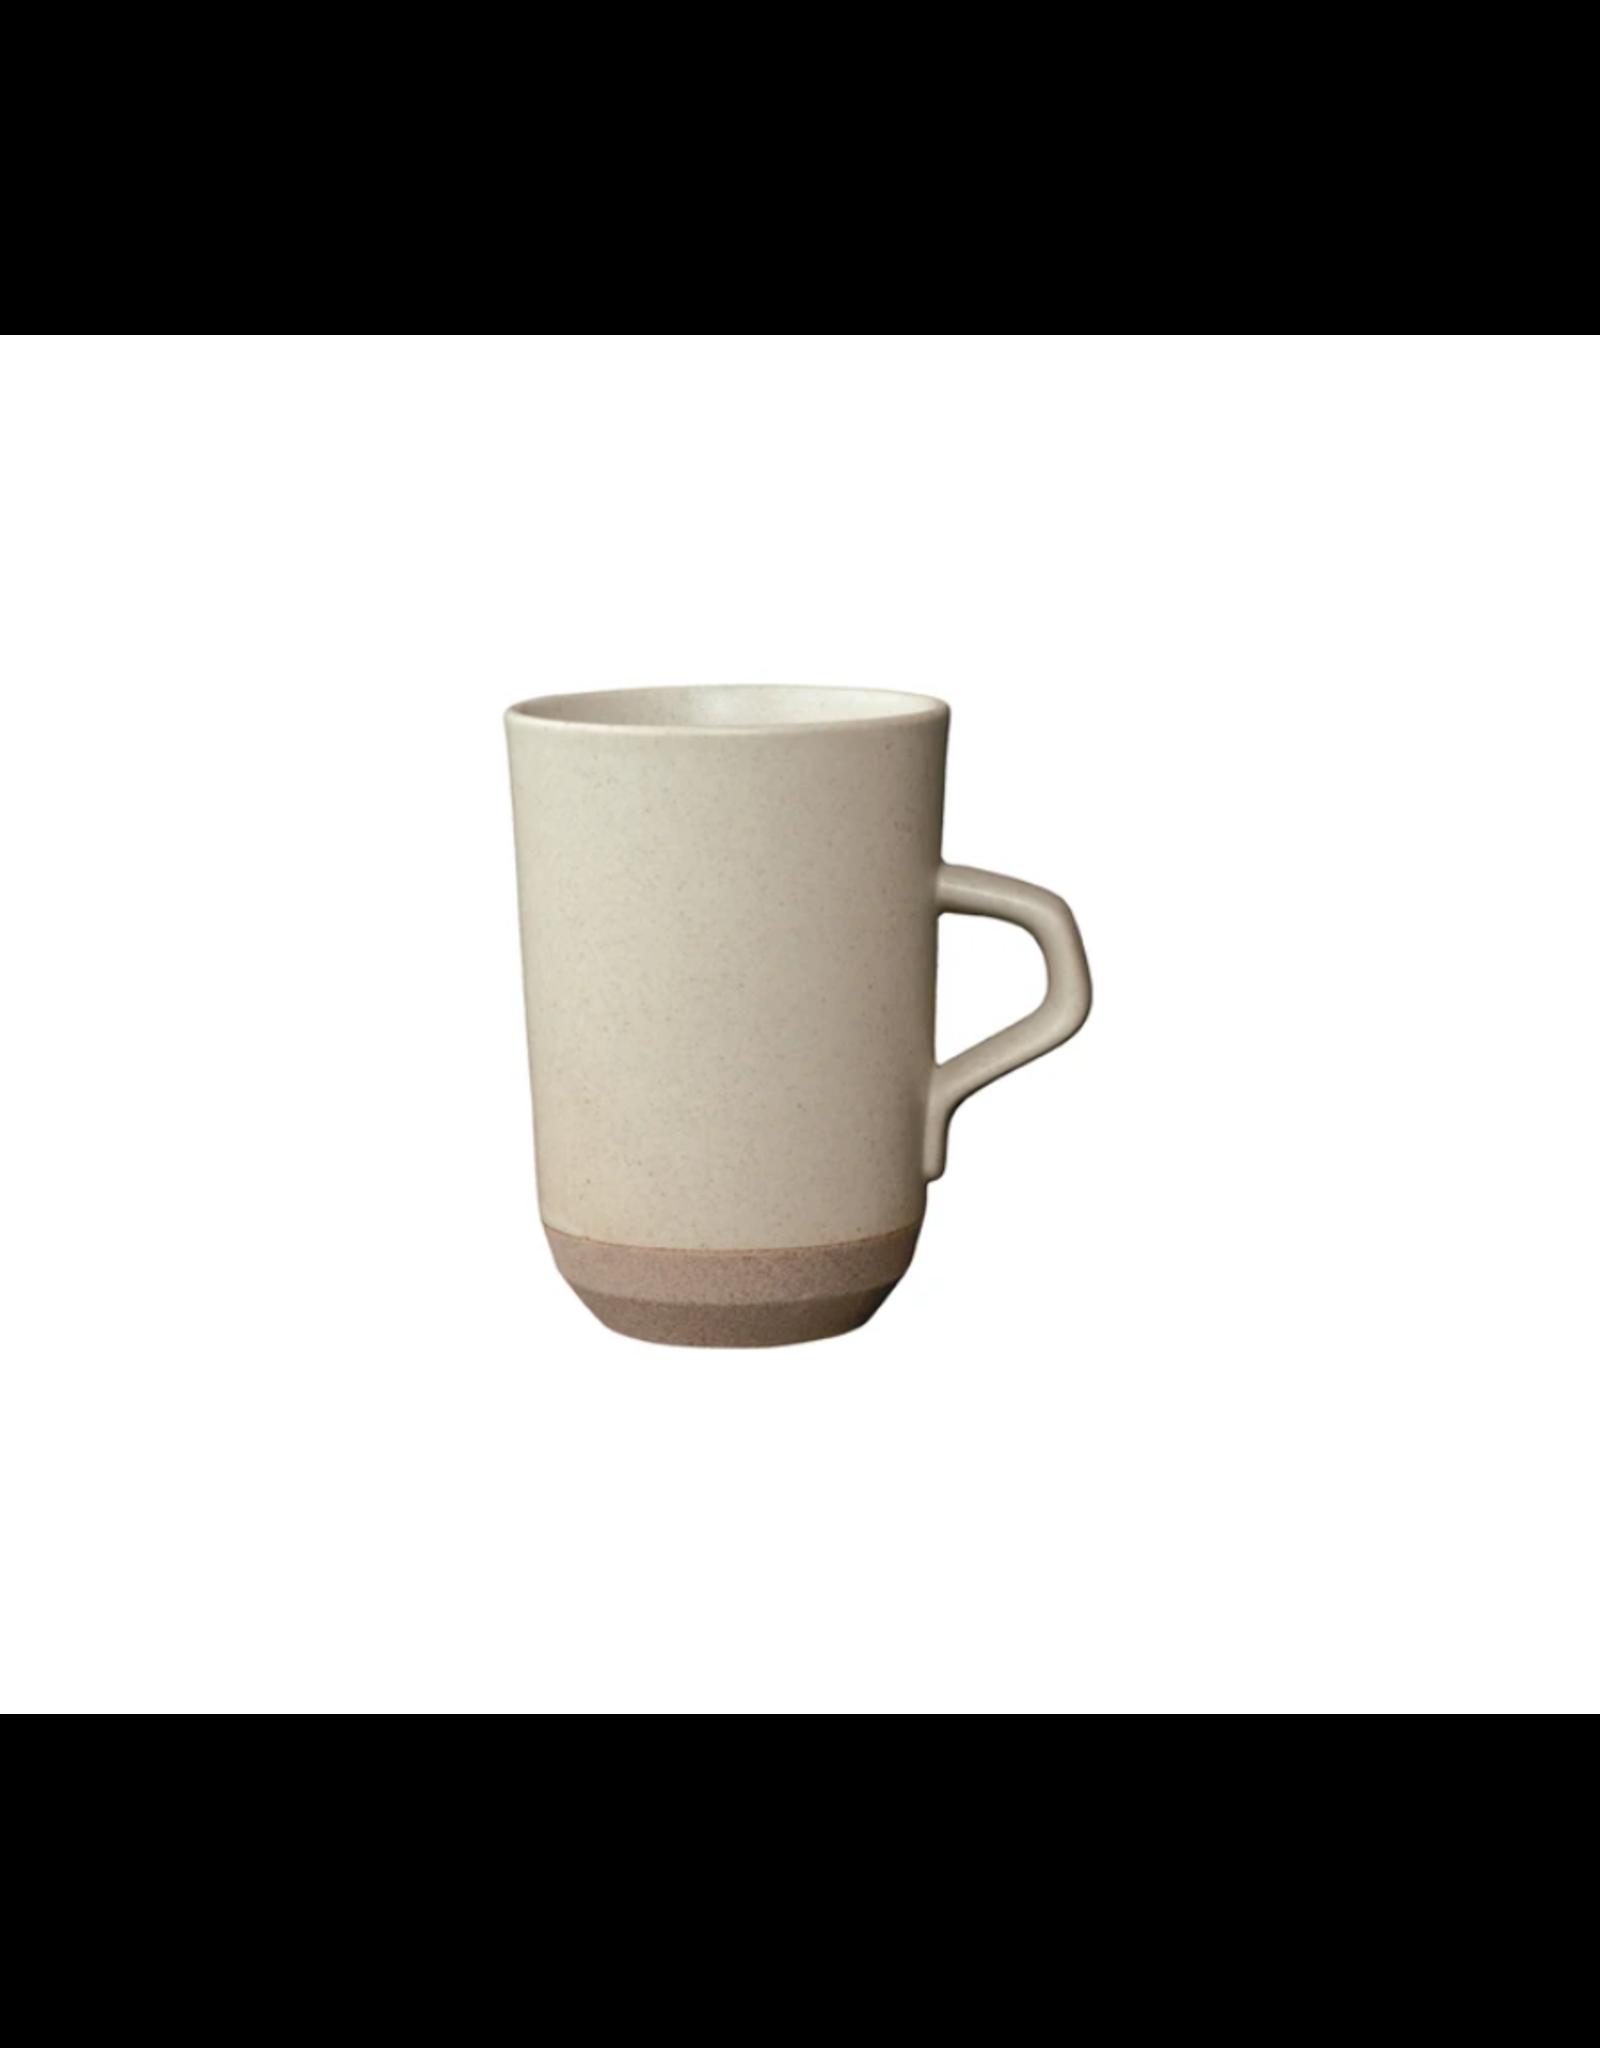 KINTO KINTO Ceramic Lab Tall Mug 360ml